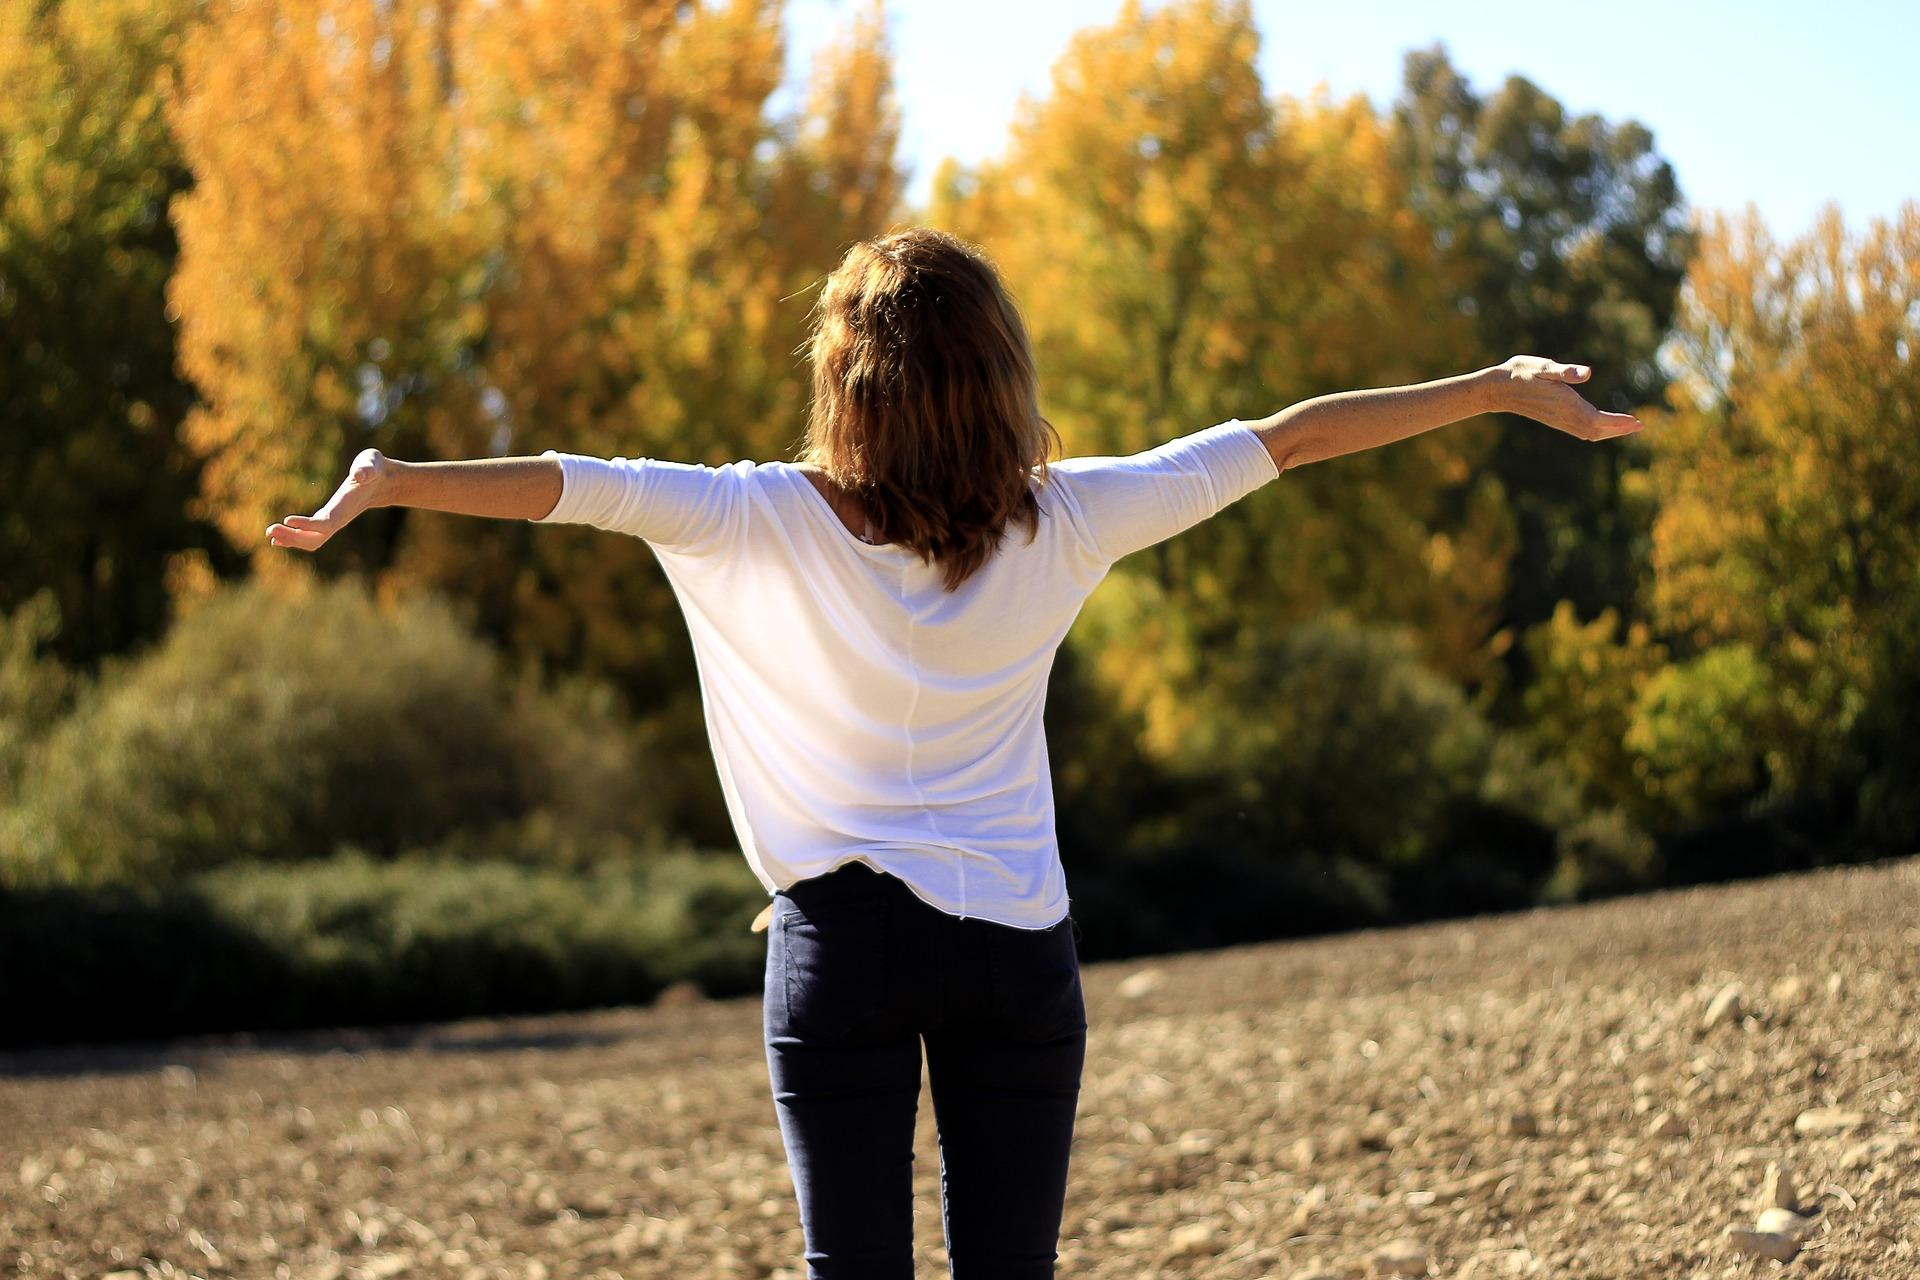 Adopter la « slow » attitude : 10 conseils pour ralentir - Kaizen